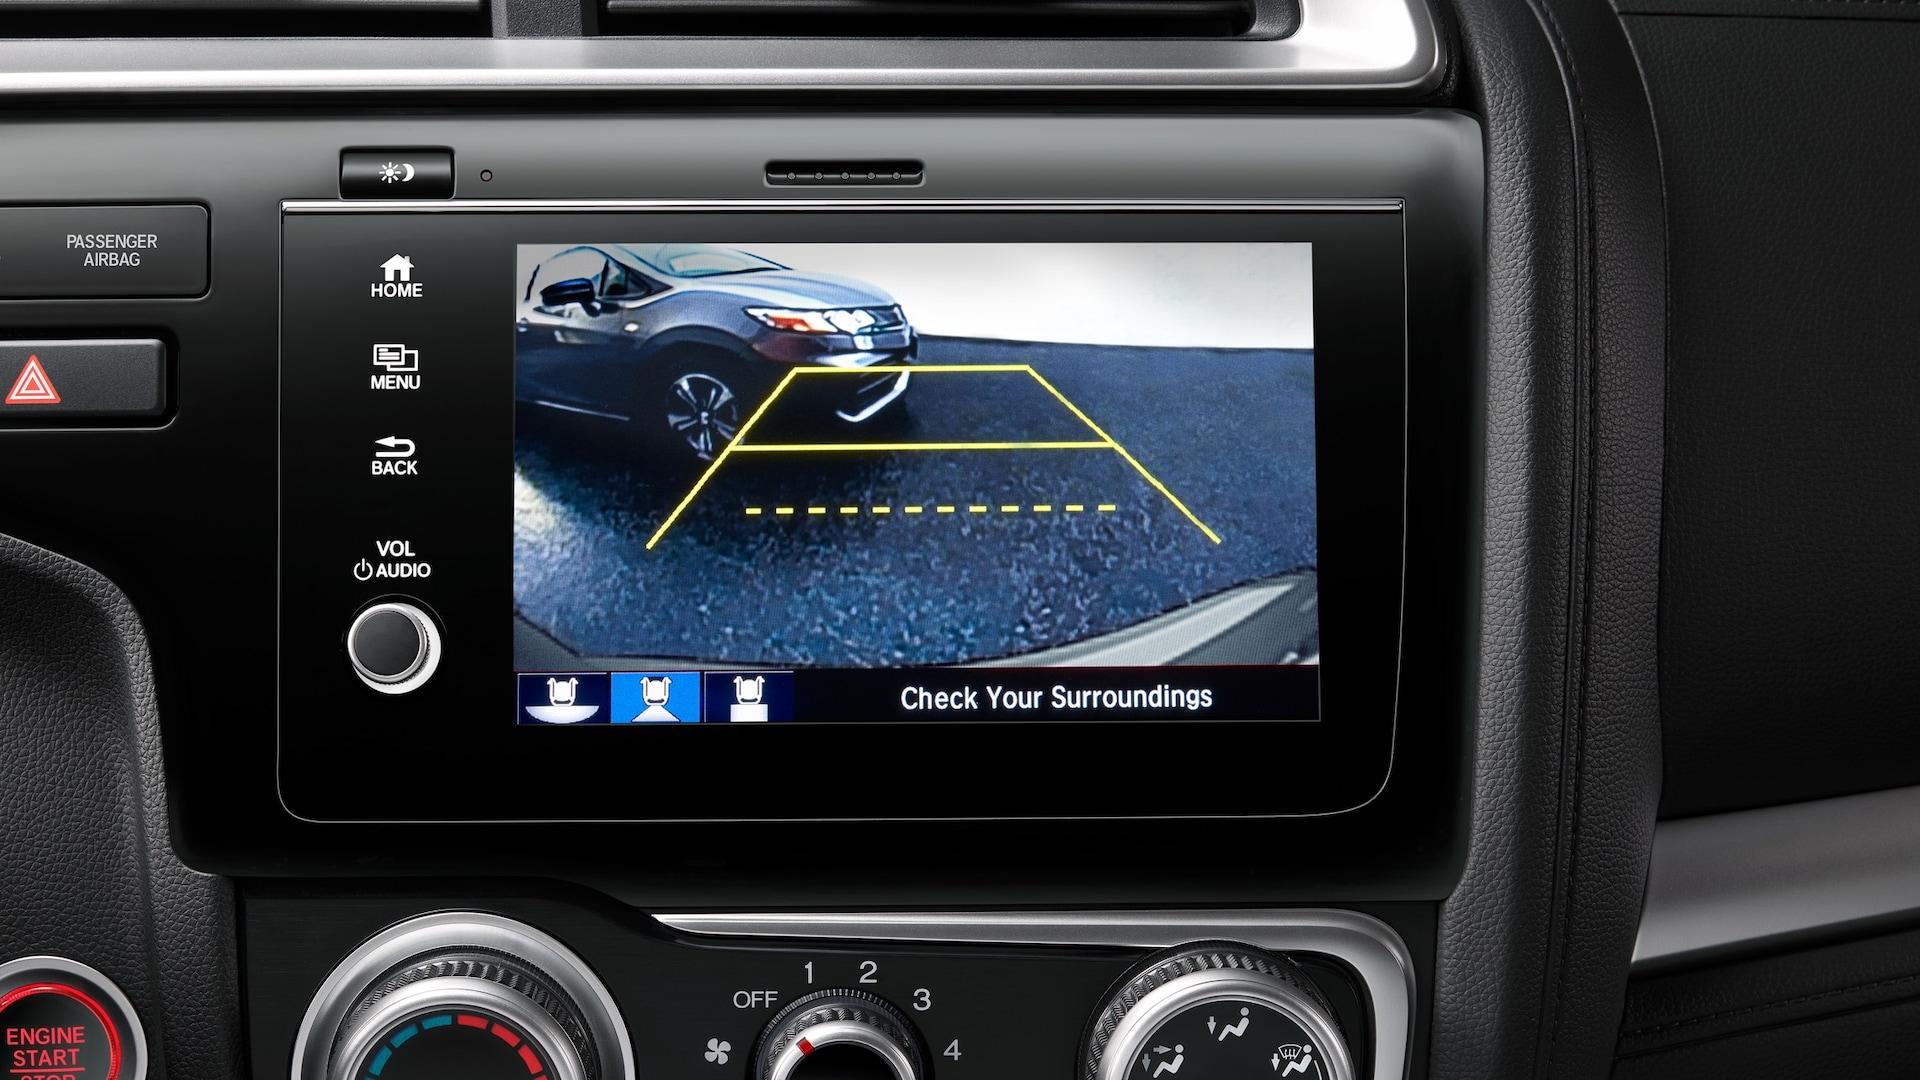 Detalle del sistema de audio en pantalla táctil con la cámara de reversa multiángulo en el Honda Fit2020.